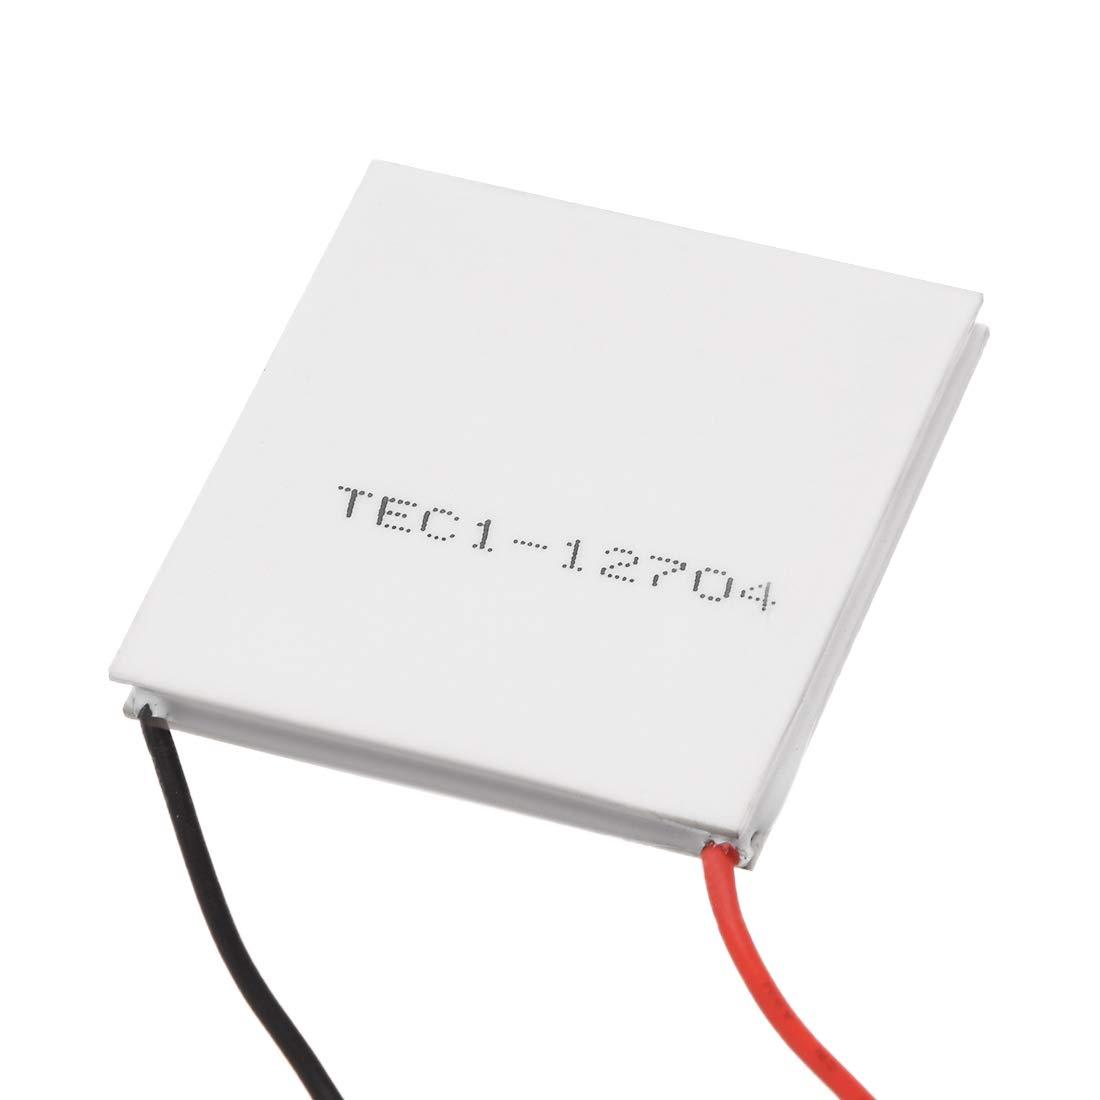 sourcingmap TEC1-12706 Thermoelectric Cooler Heat Sink Cooling Peltier 12 Volt 50-60 Watt